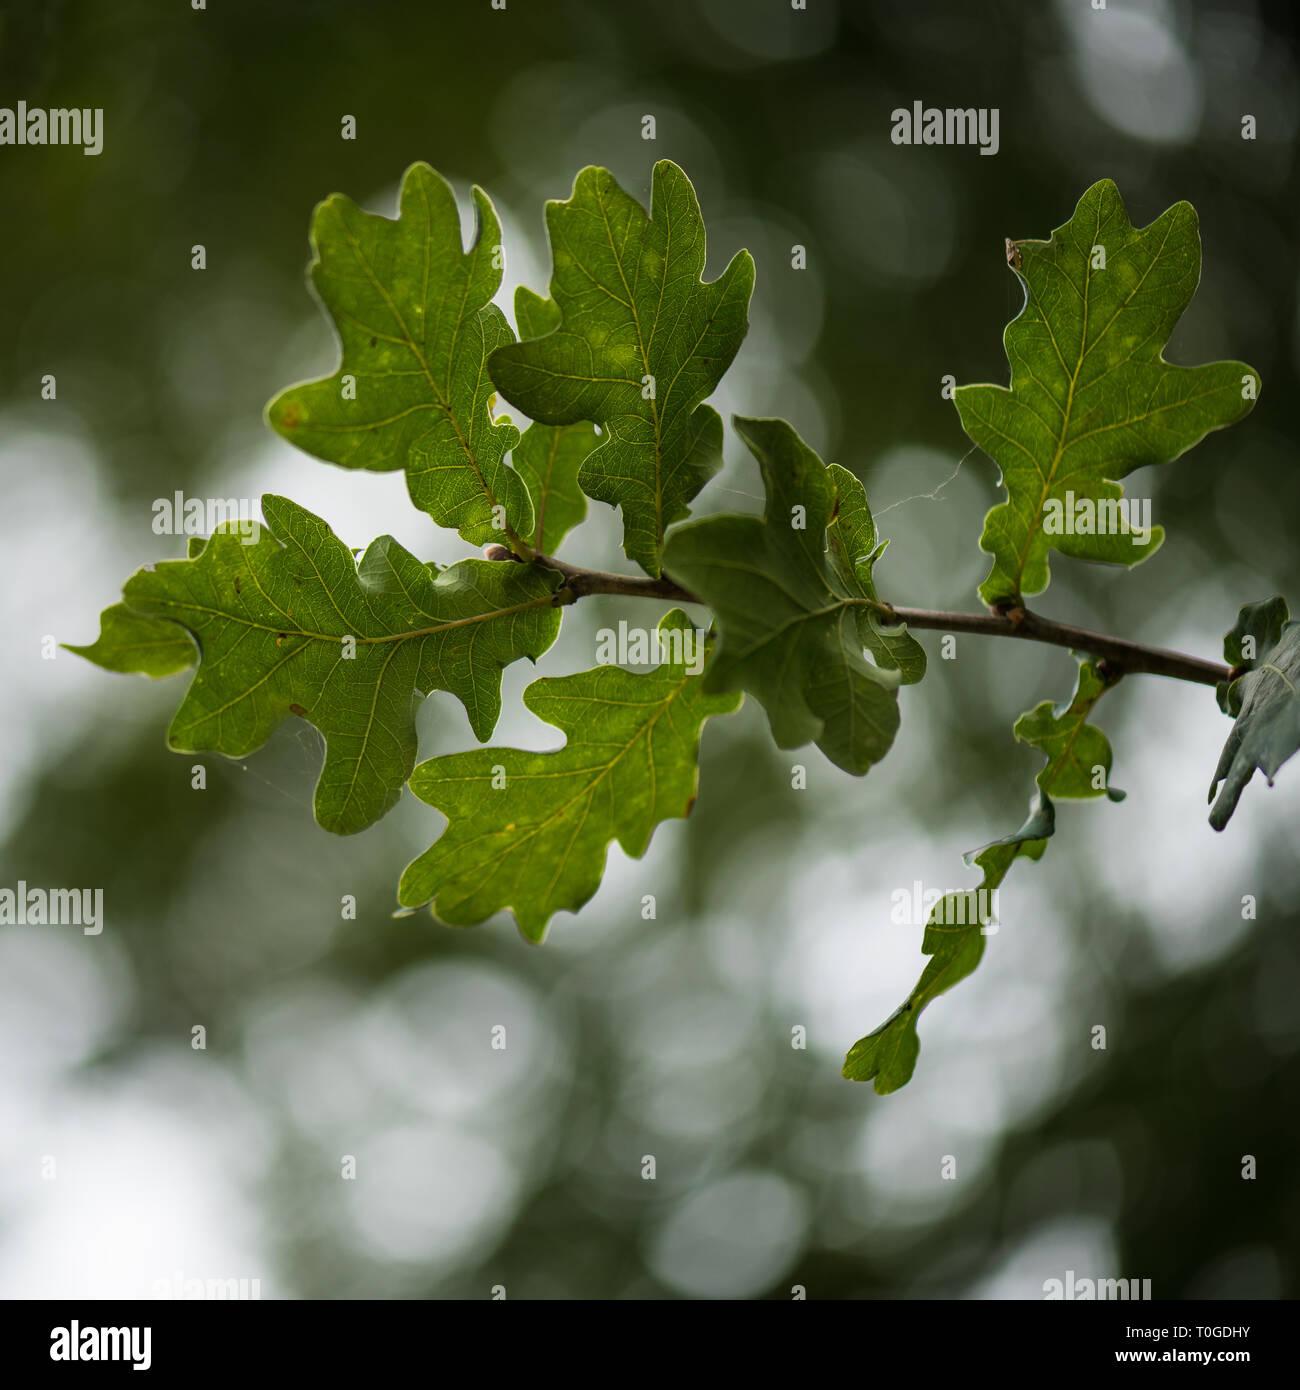 Details of oak tree leaf - Stock Image